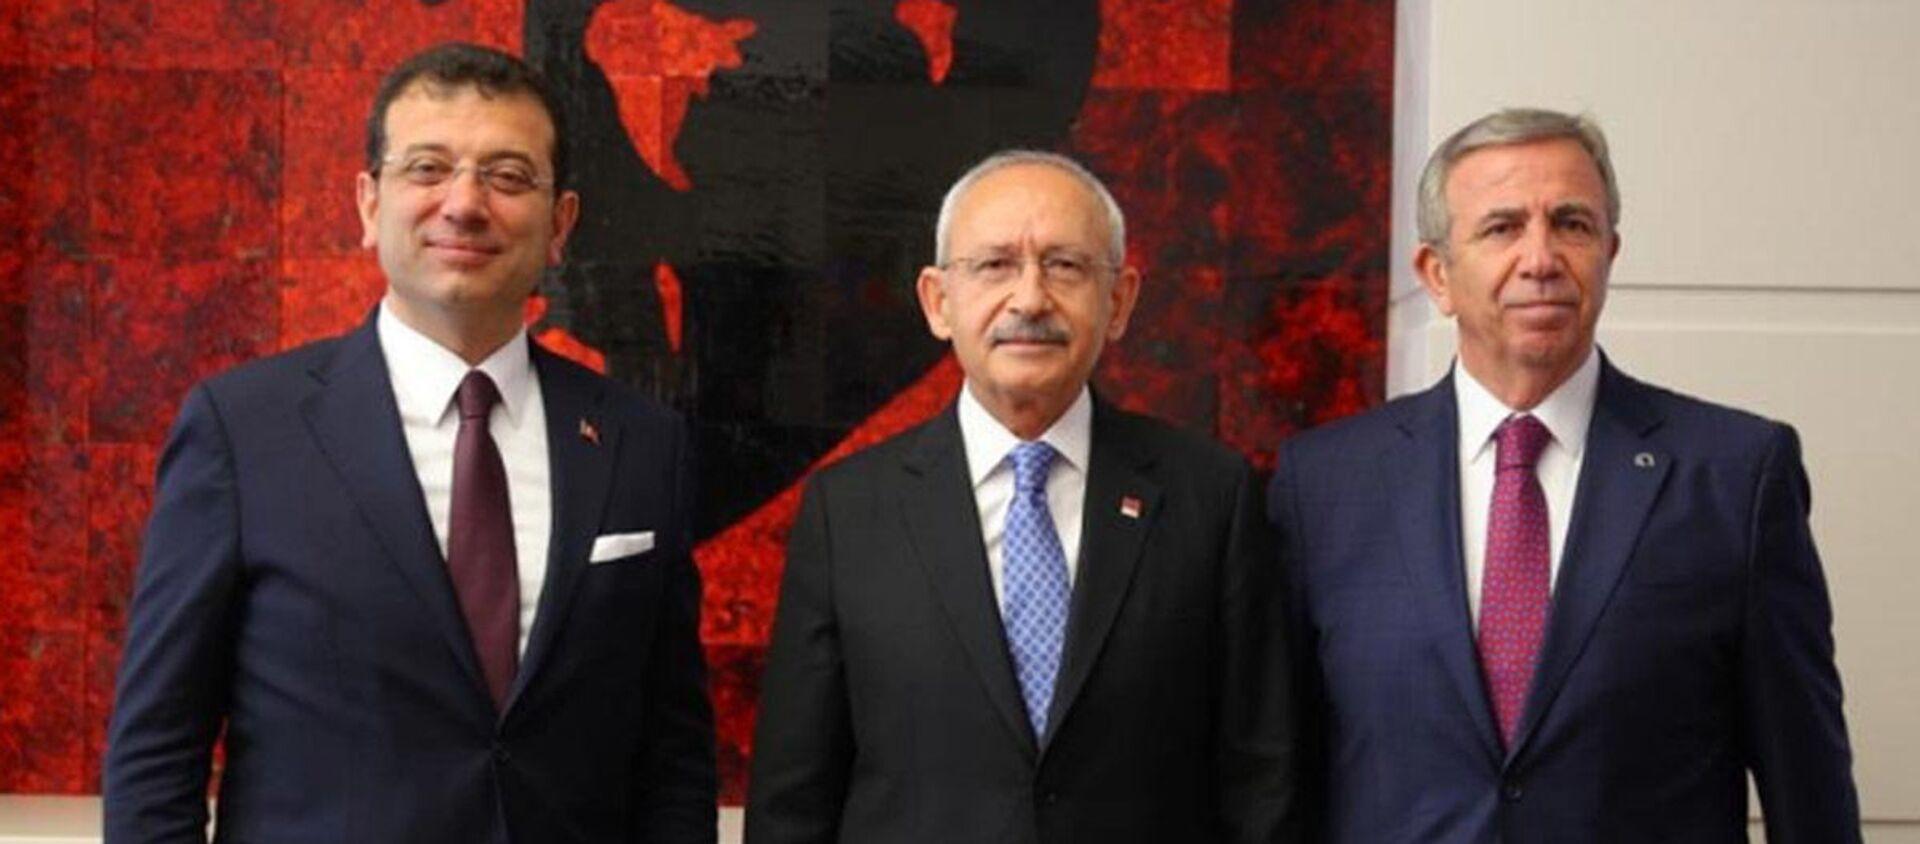 İmamoğlu - Kılıçdaroğlu - Yavaş - Sputnik Türkiye, 1920, 13.07.2021